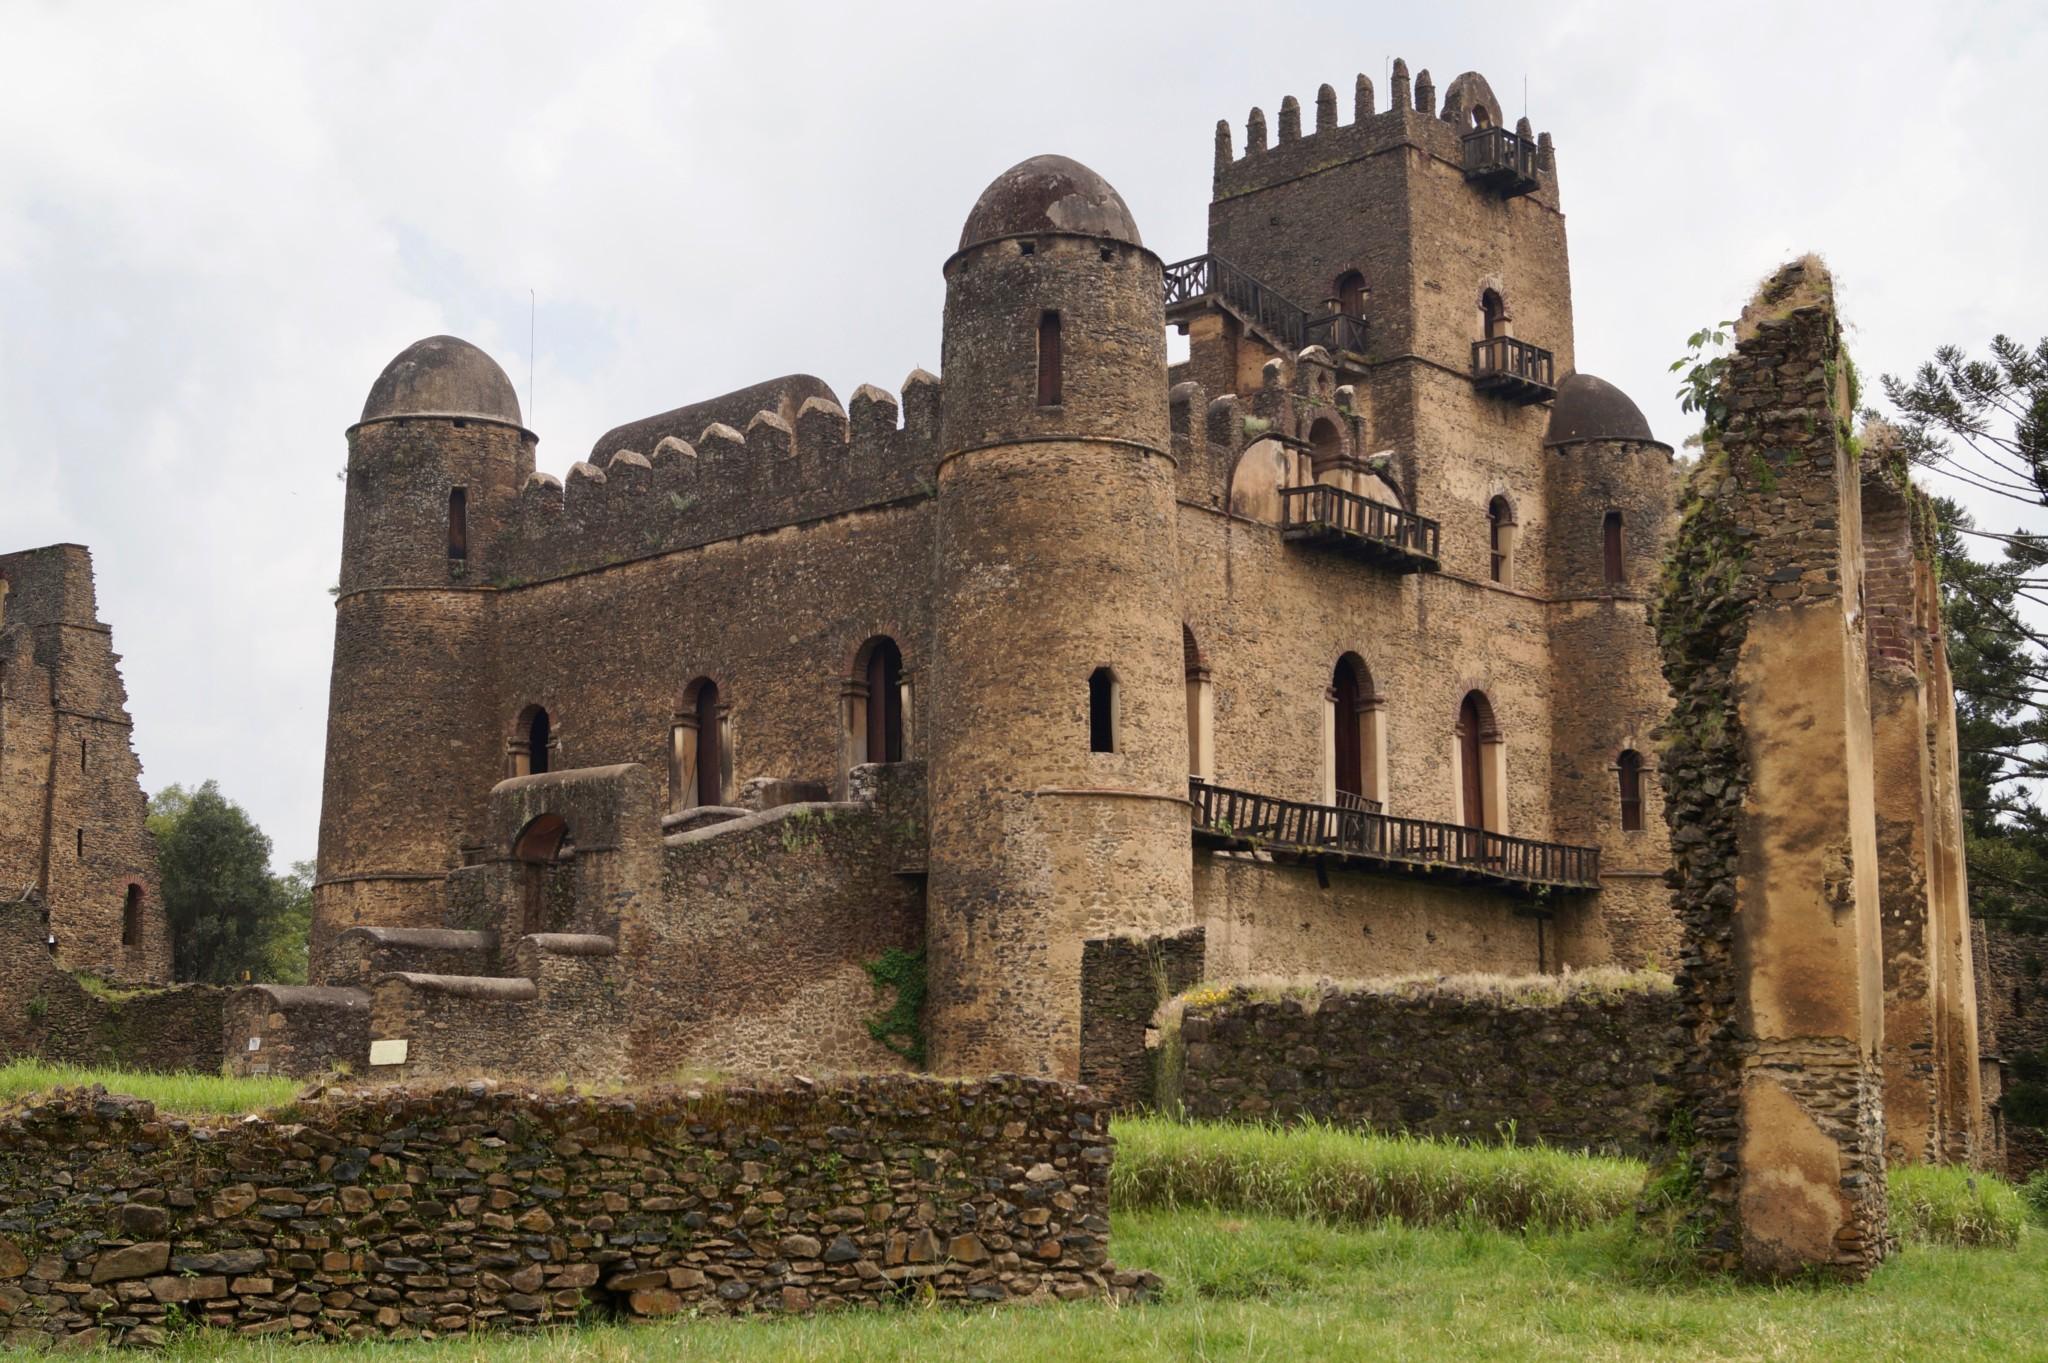 Fasilides Palast in Gondar ist definitiv eine der wichtigen Äthiopien Sehenswürdigkeiten